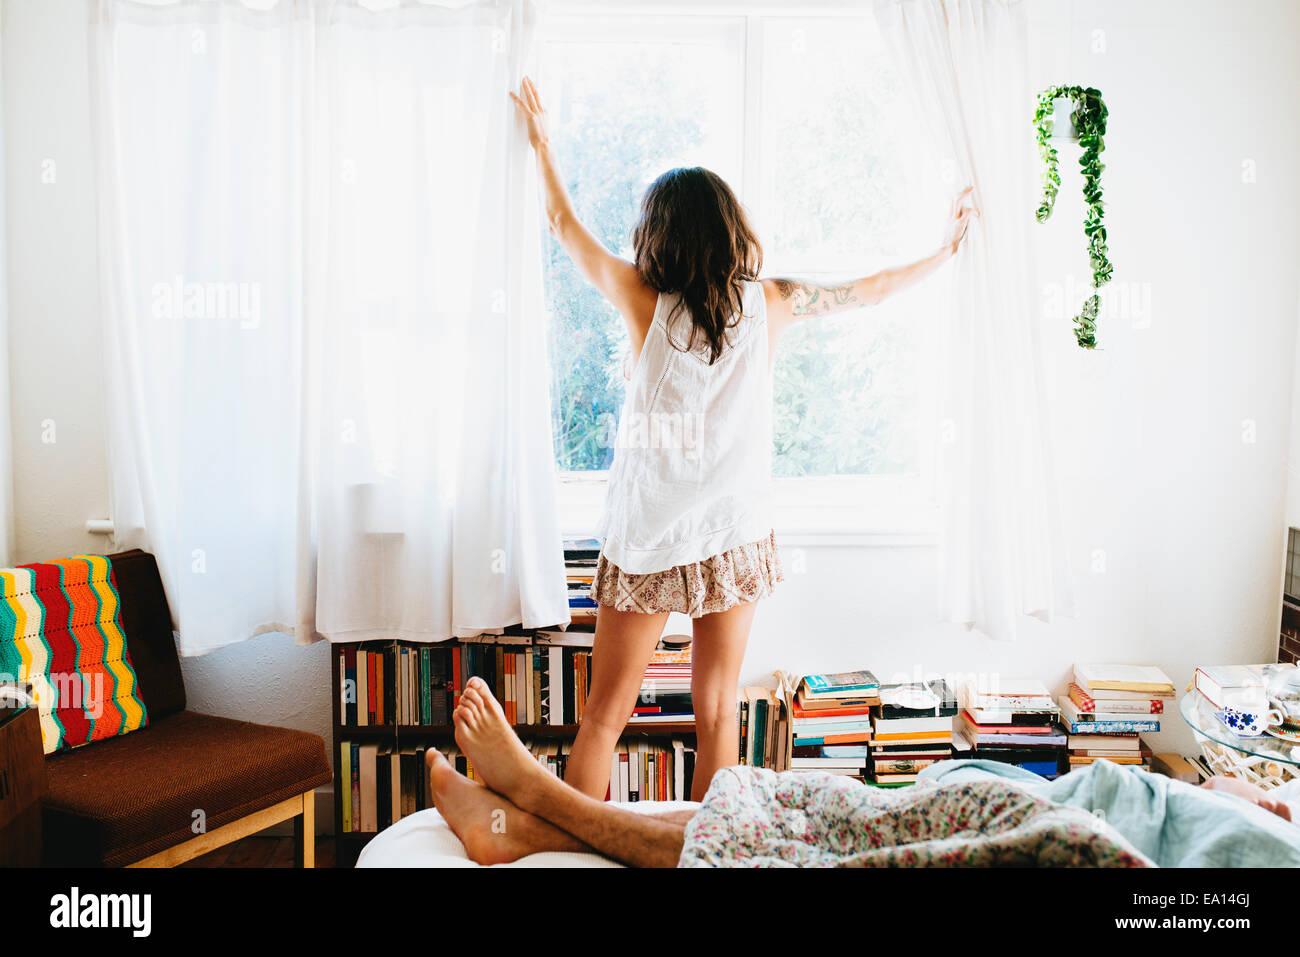 Mujer sacando cortinas abiertas Imagen De Stock